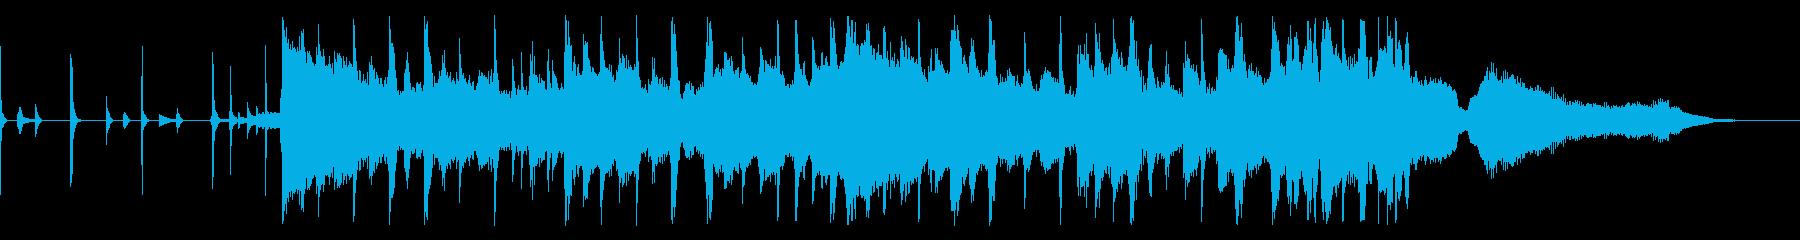 ジングル,切ない系,ラジオ,cm等の再生済みの波形